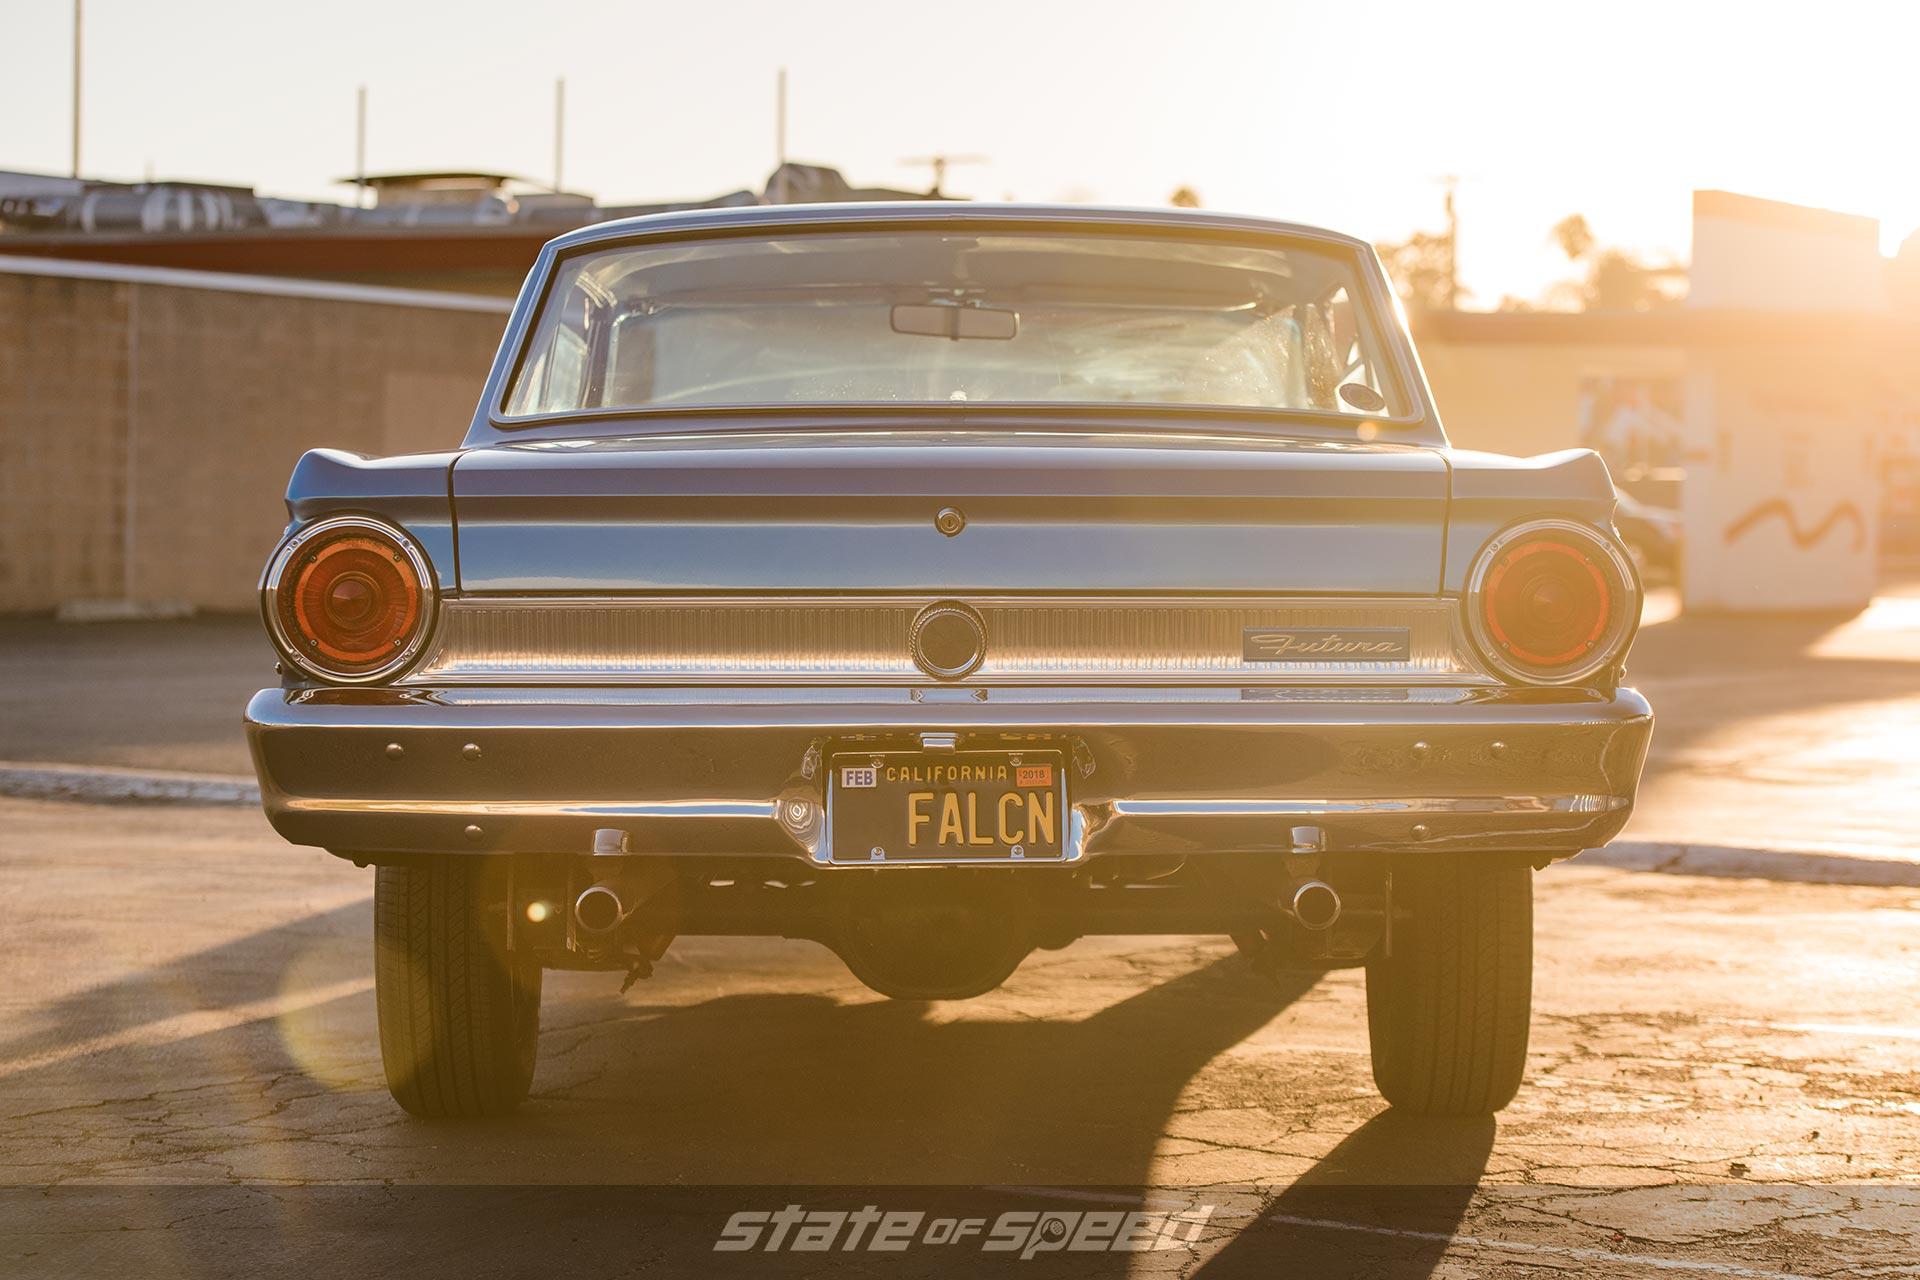 1964 Ford Falcon Sprint Convertible rear